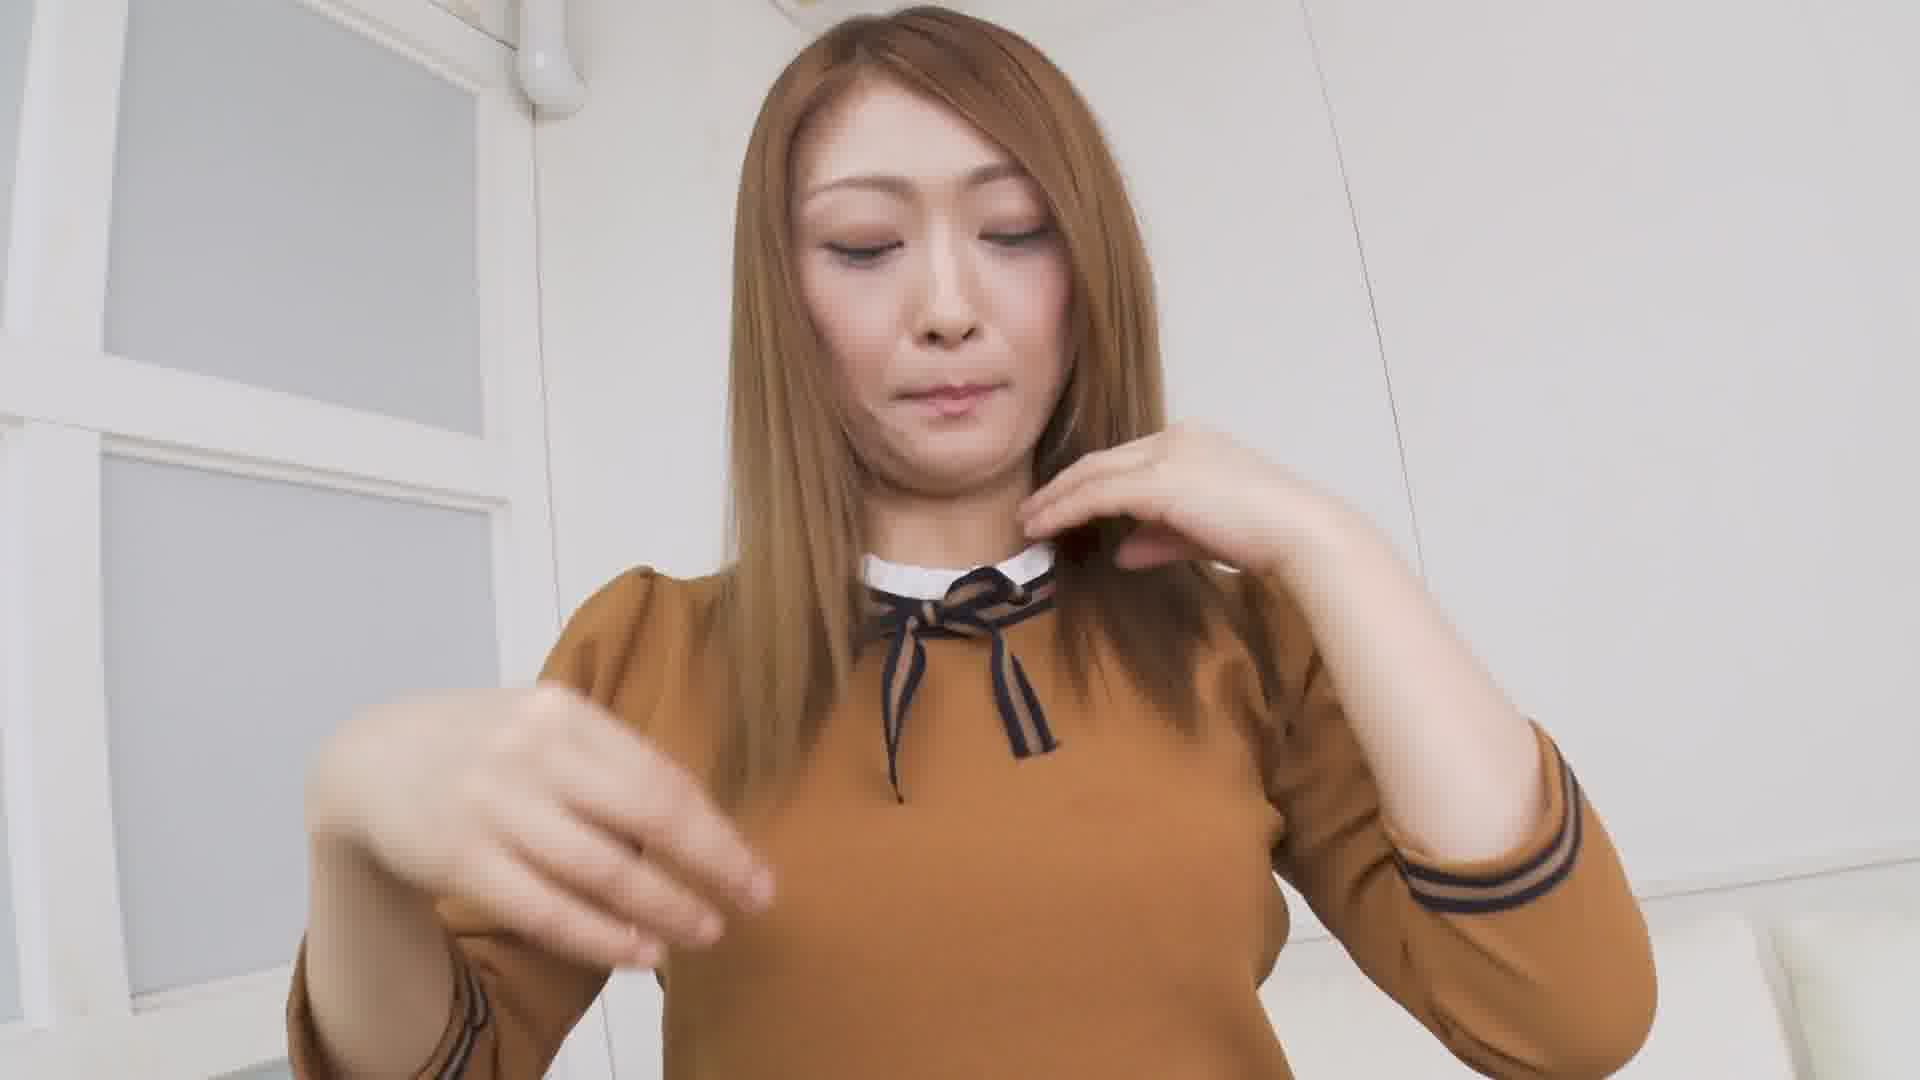 コスプレ三昧 ~ザーメン、全部飲む~ - 工藤れいか【コスプレ・制服・メイド】